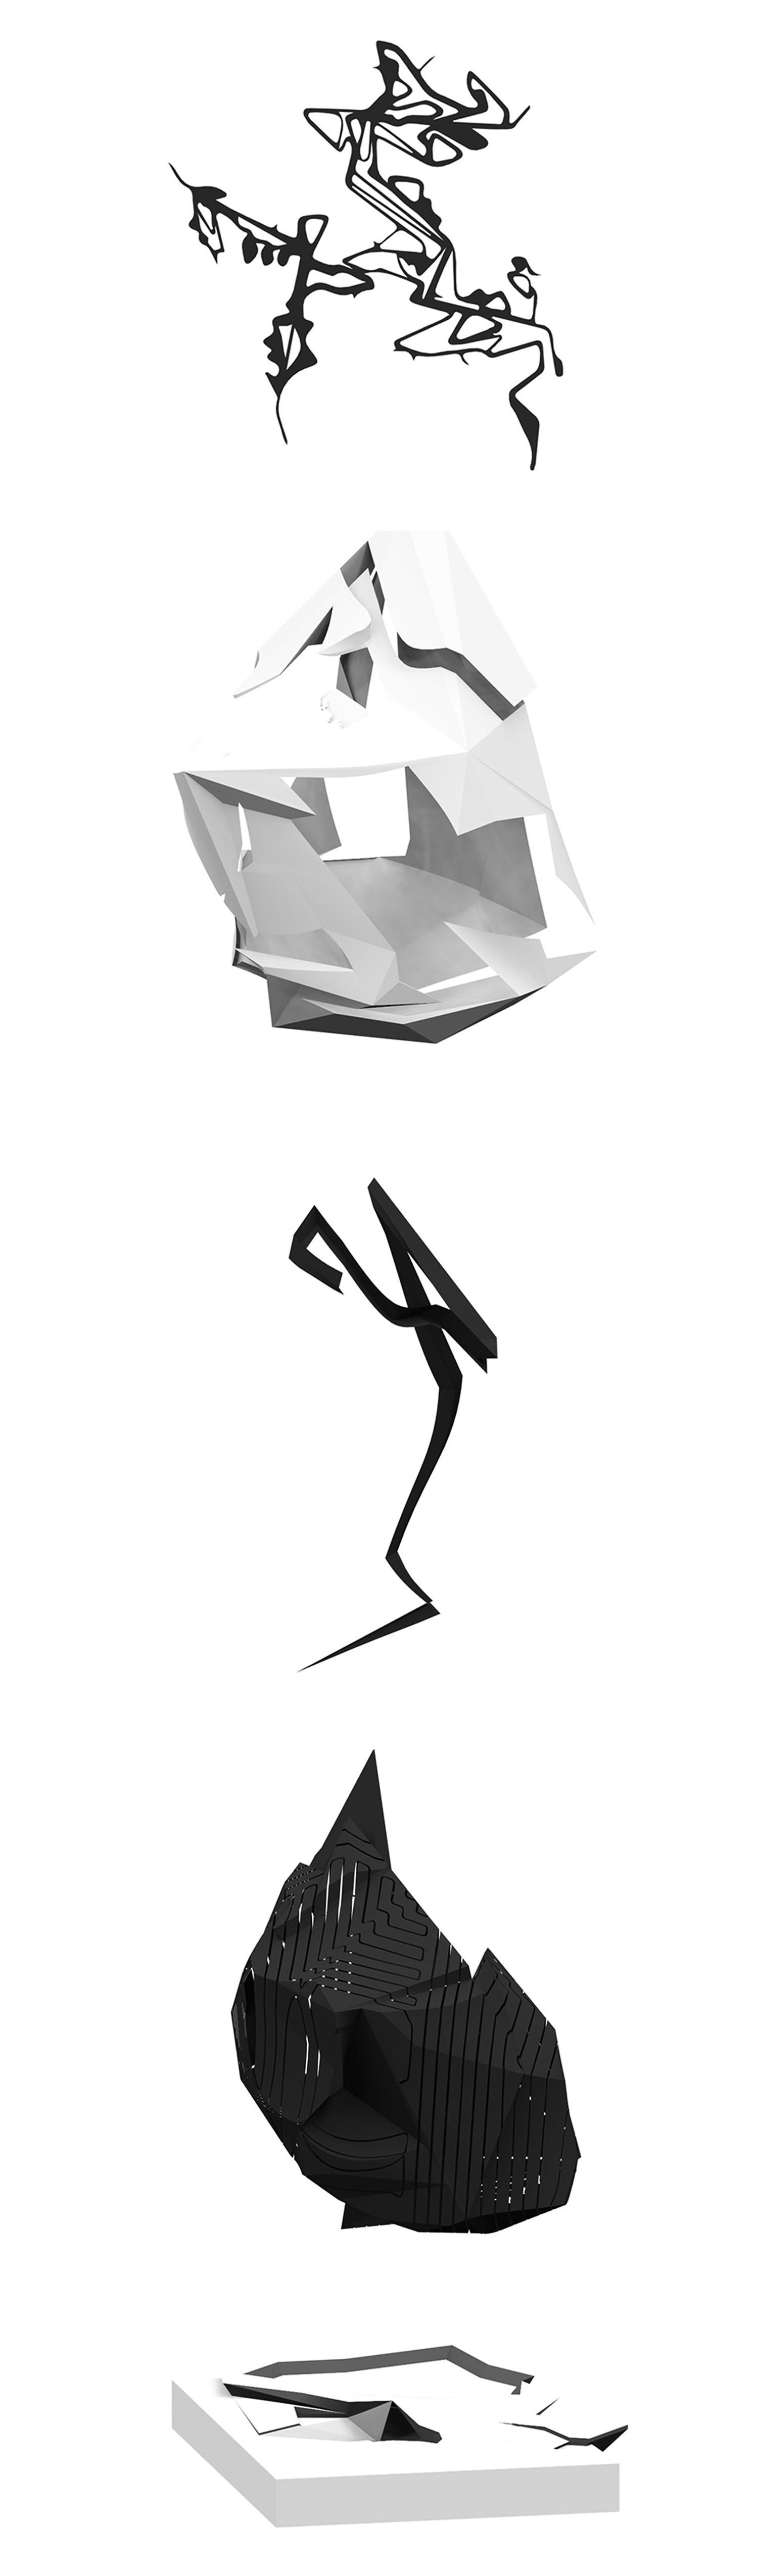 PP IV Object Diagram.jpg